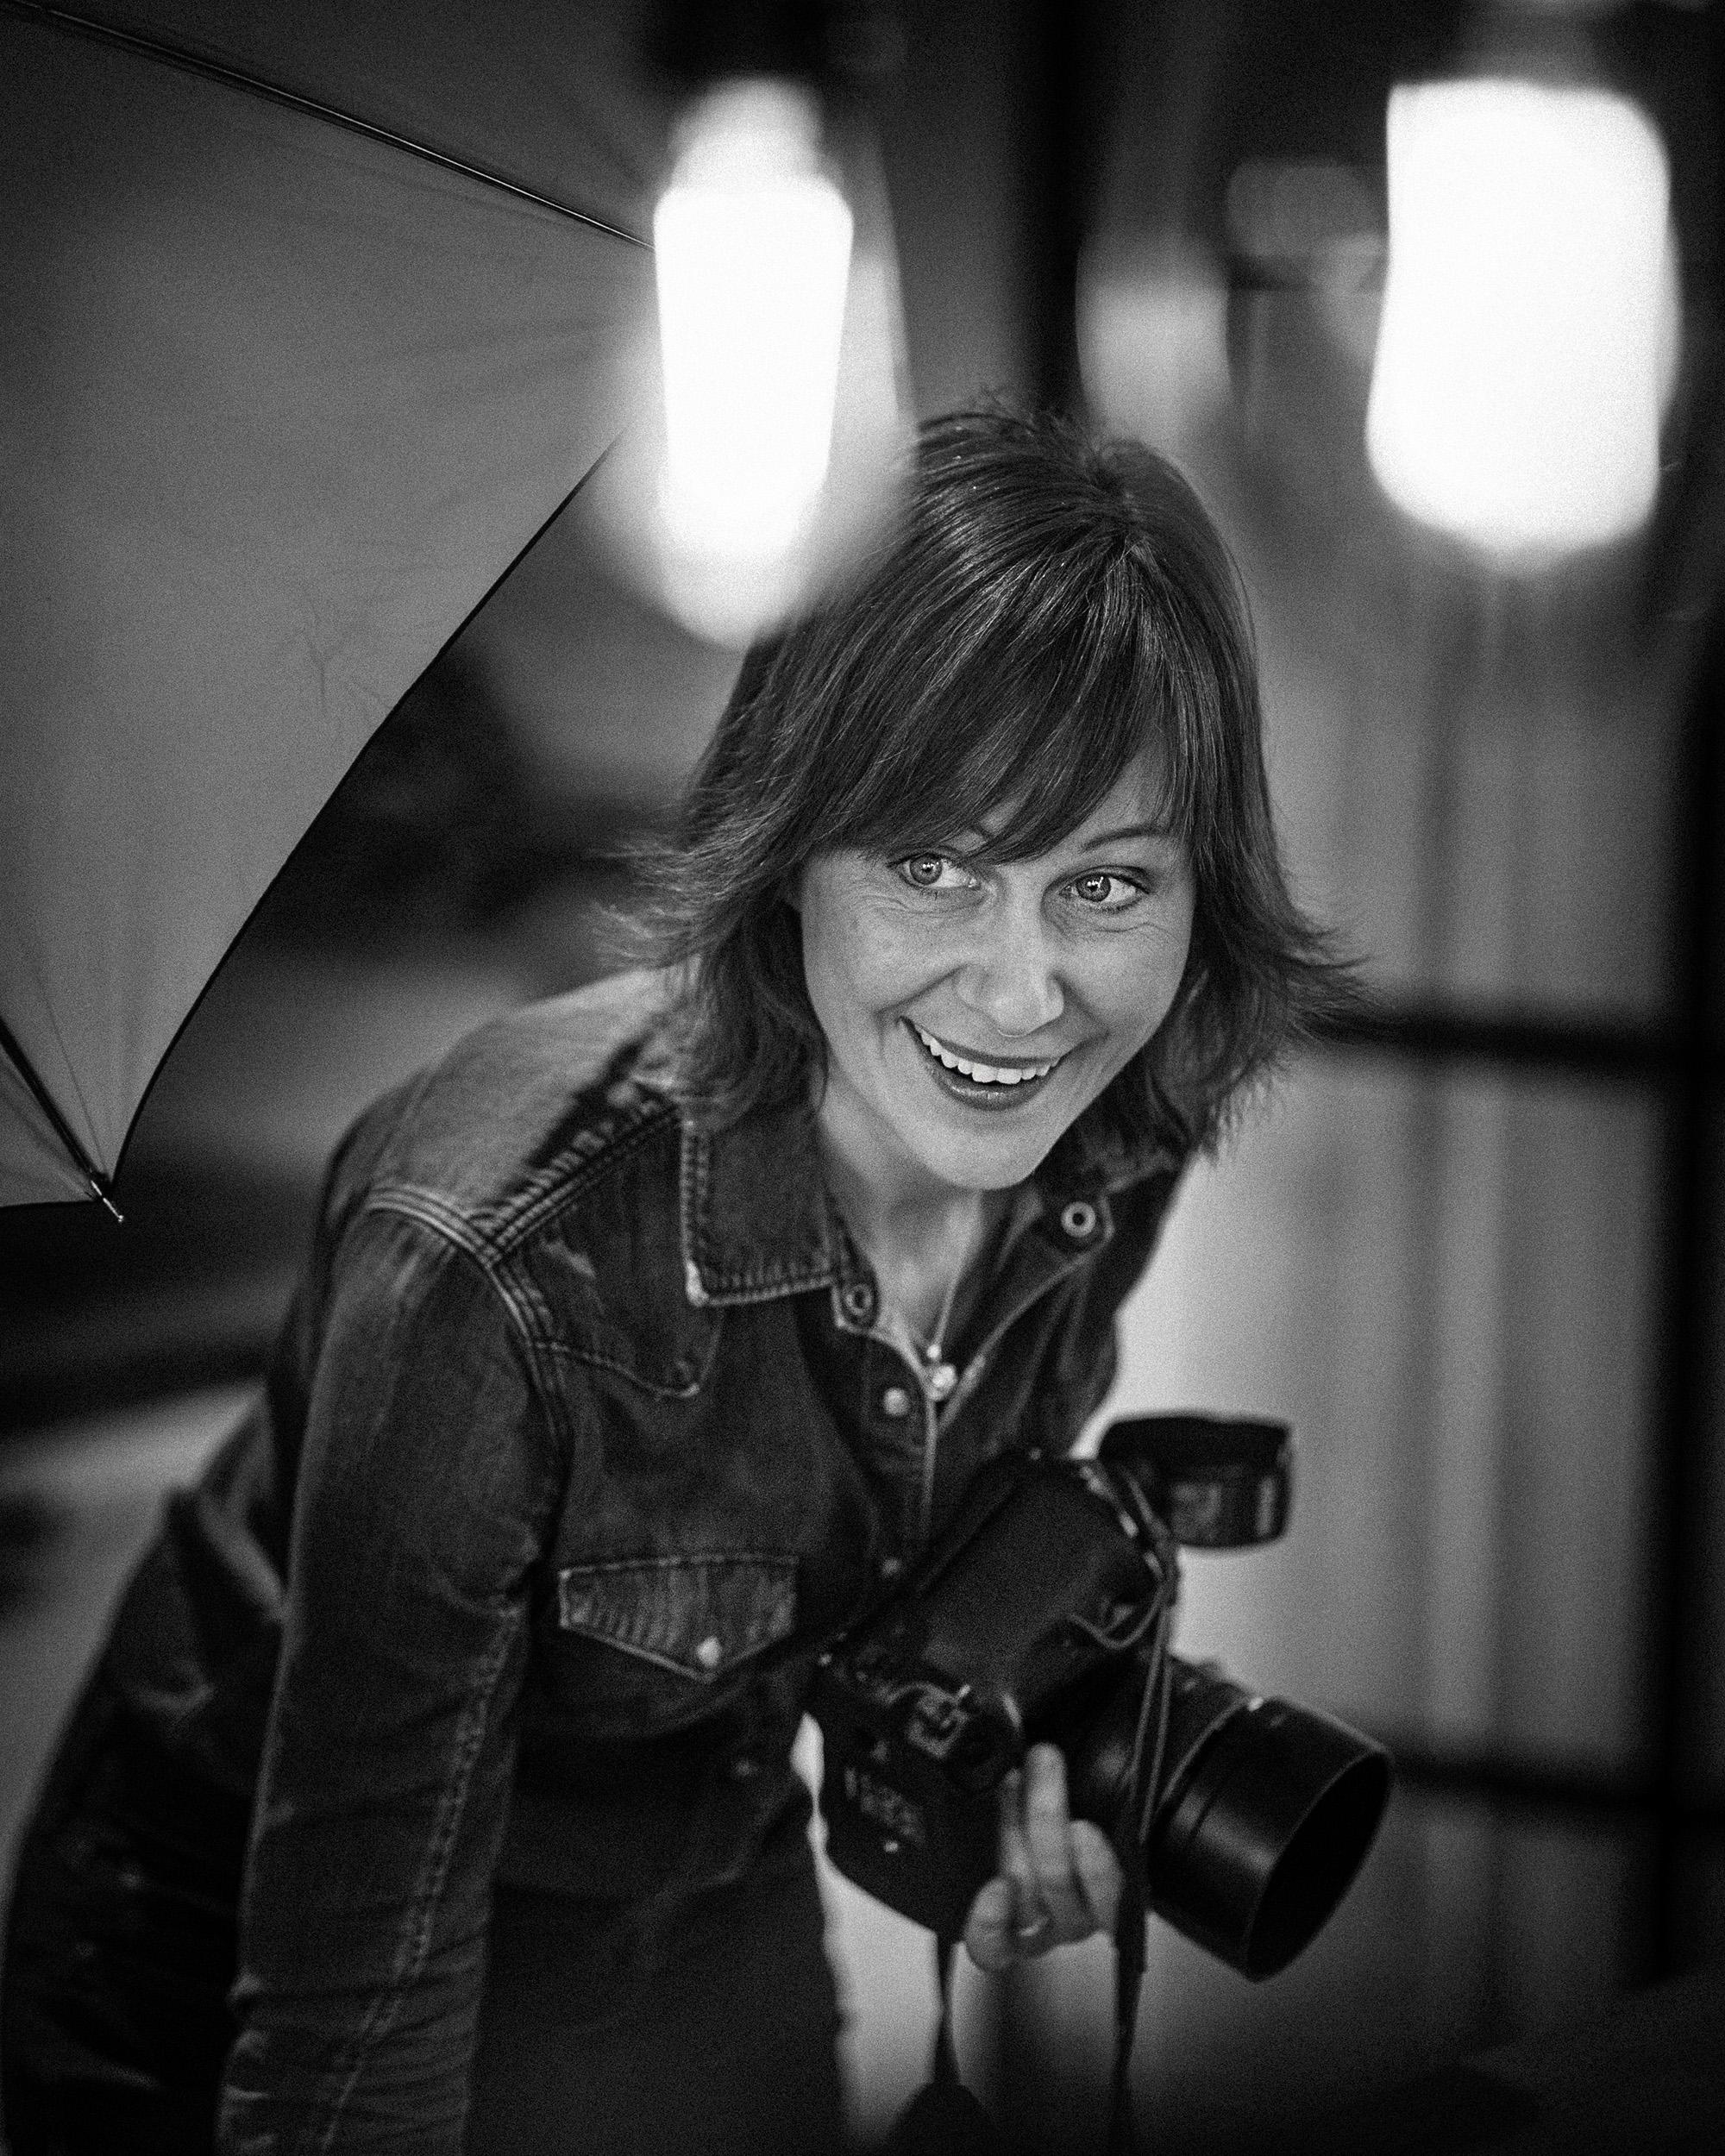 Fotograf Terése Andersson